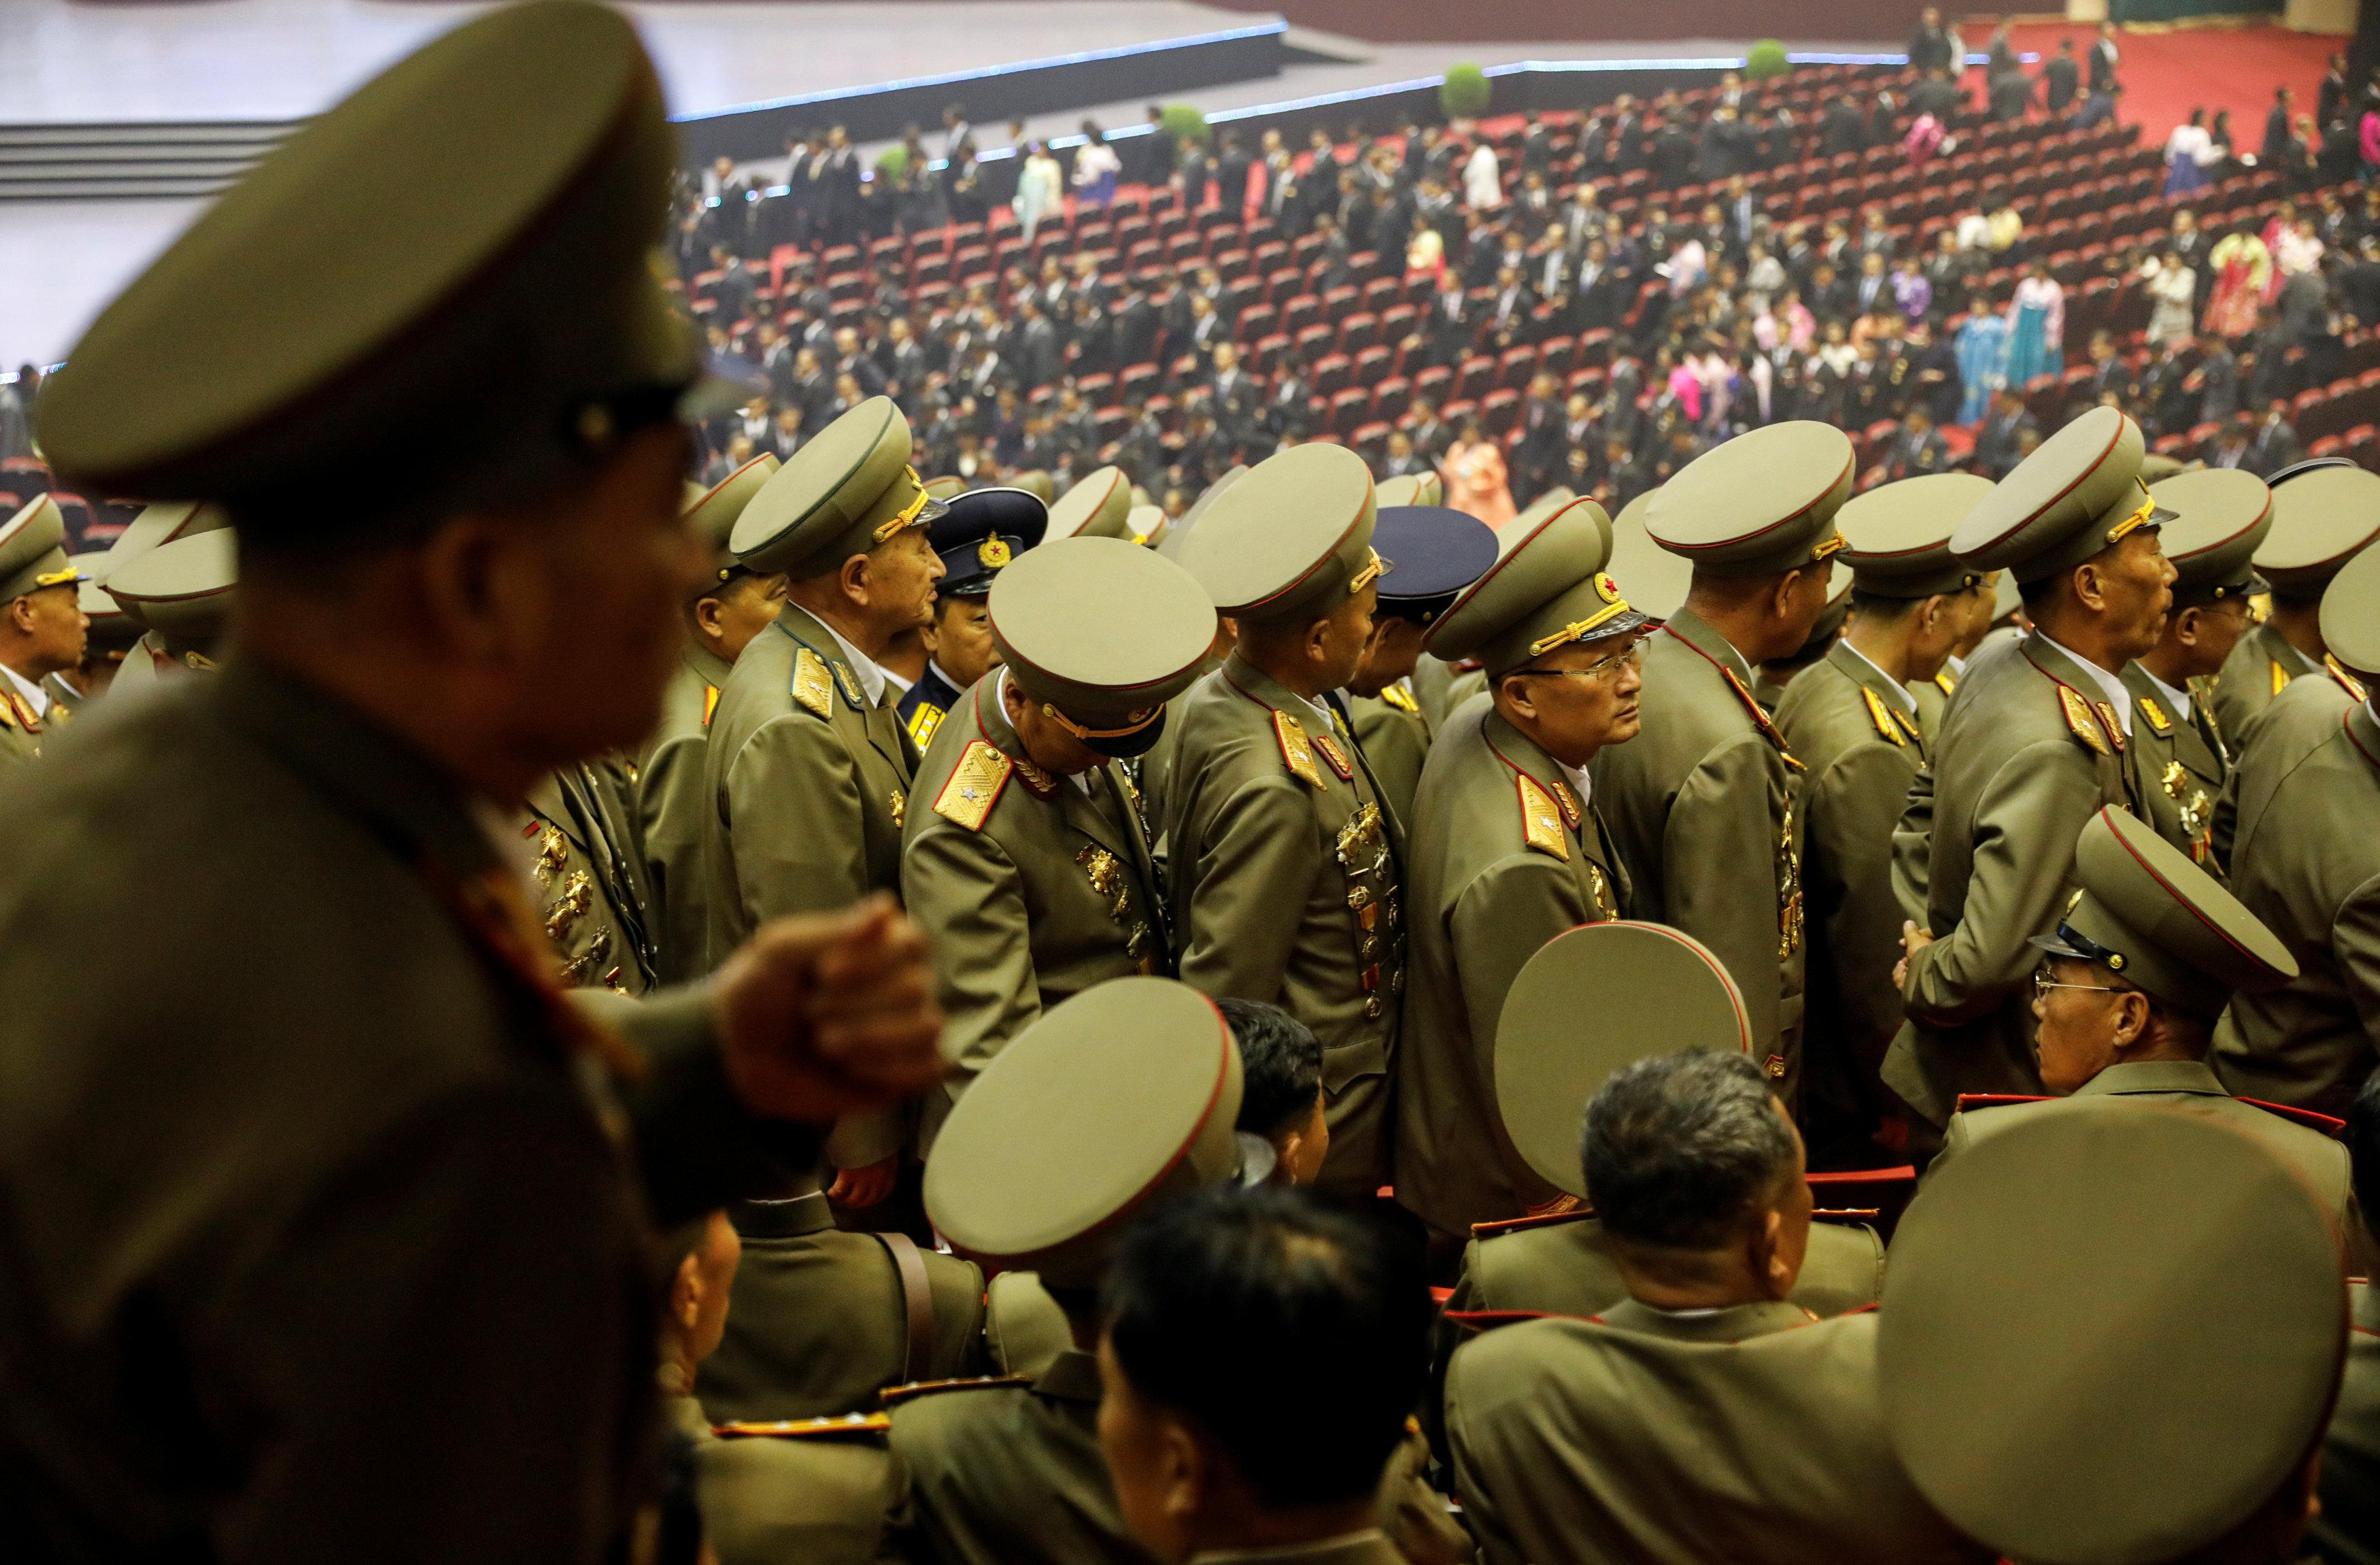 ضباط الجيش بعد حضور حفل موسيقى عشية الذكرى السنوية السبعين لتأسيس كوريا الشمالية